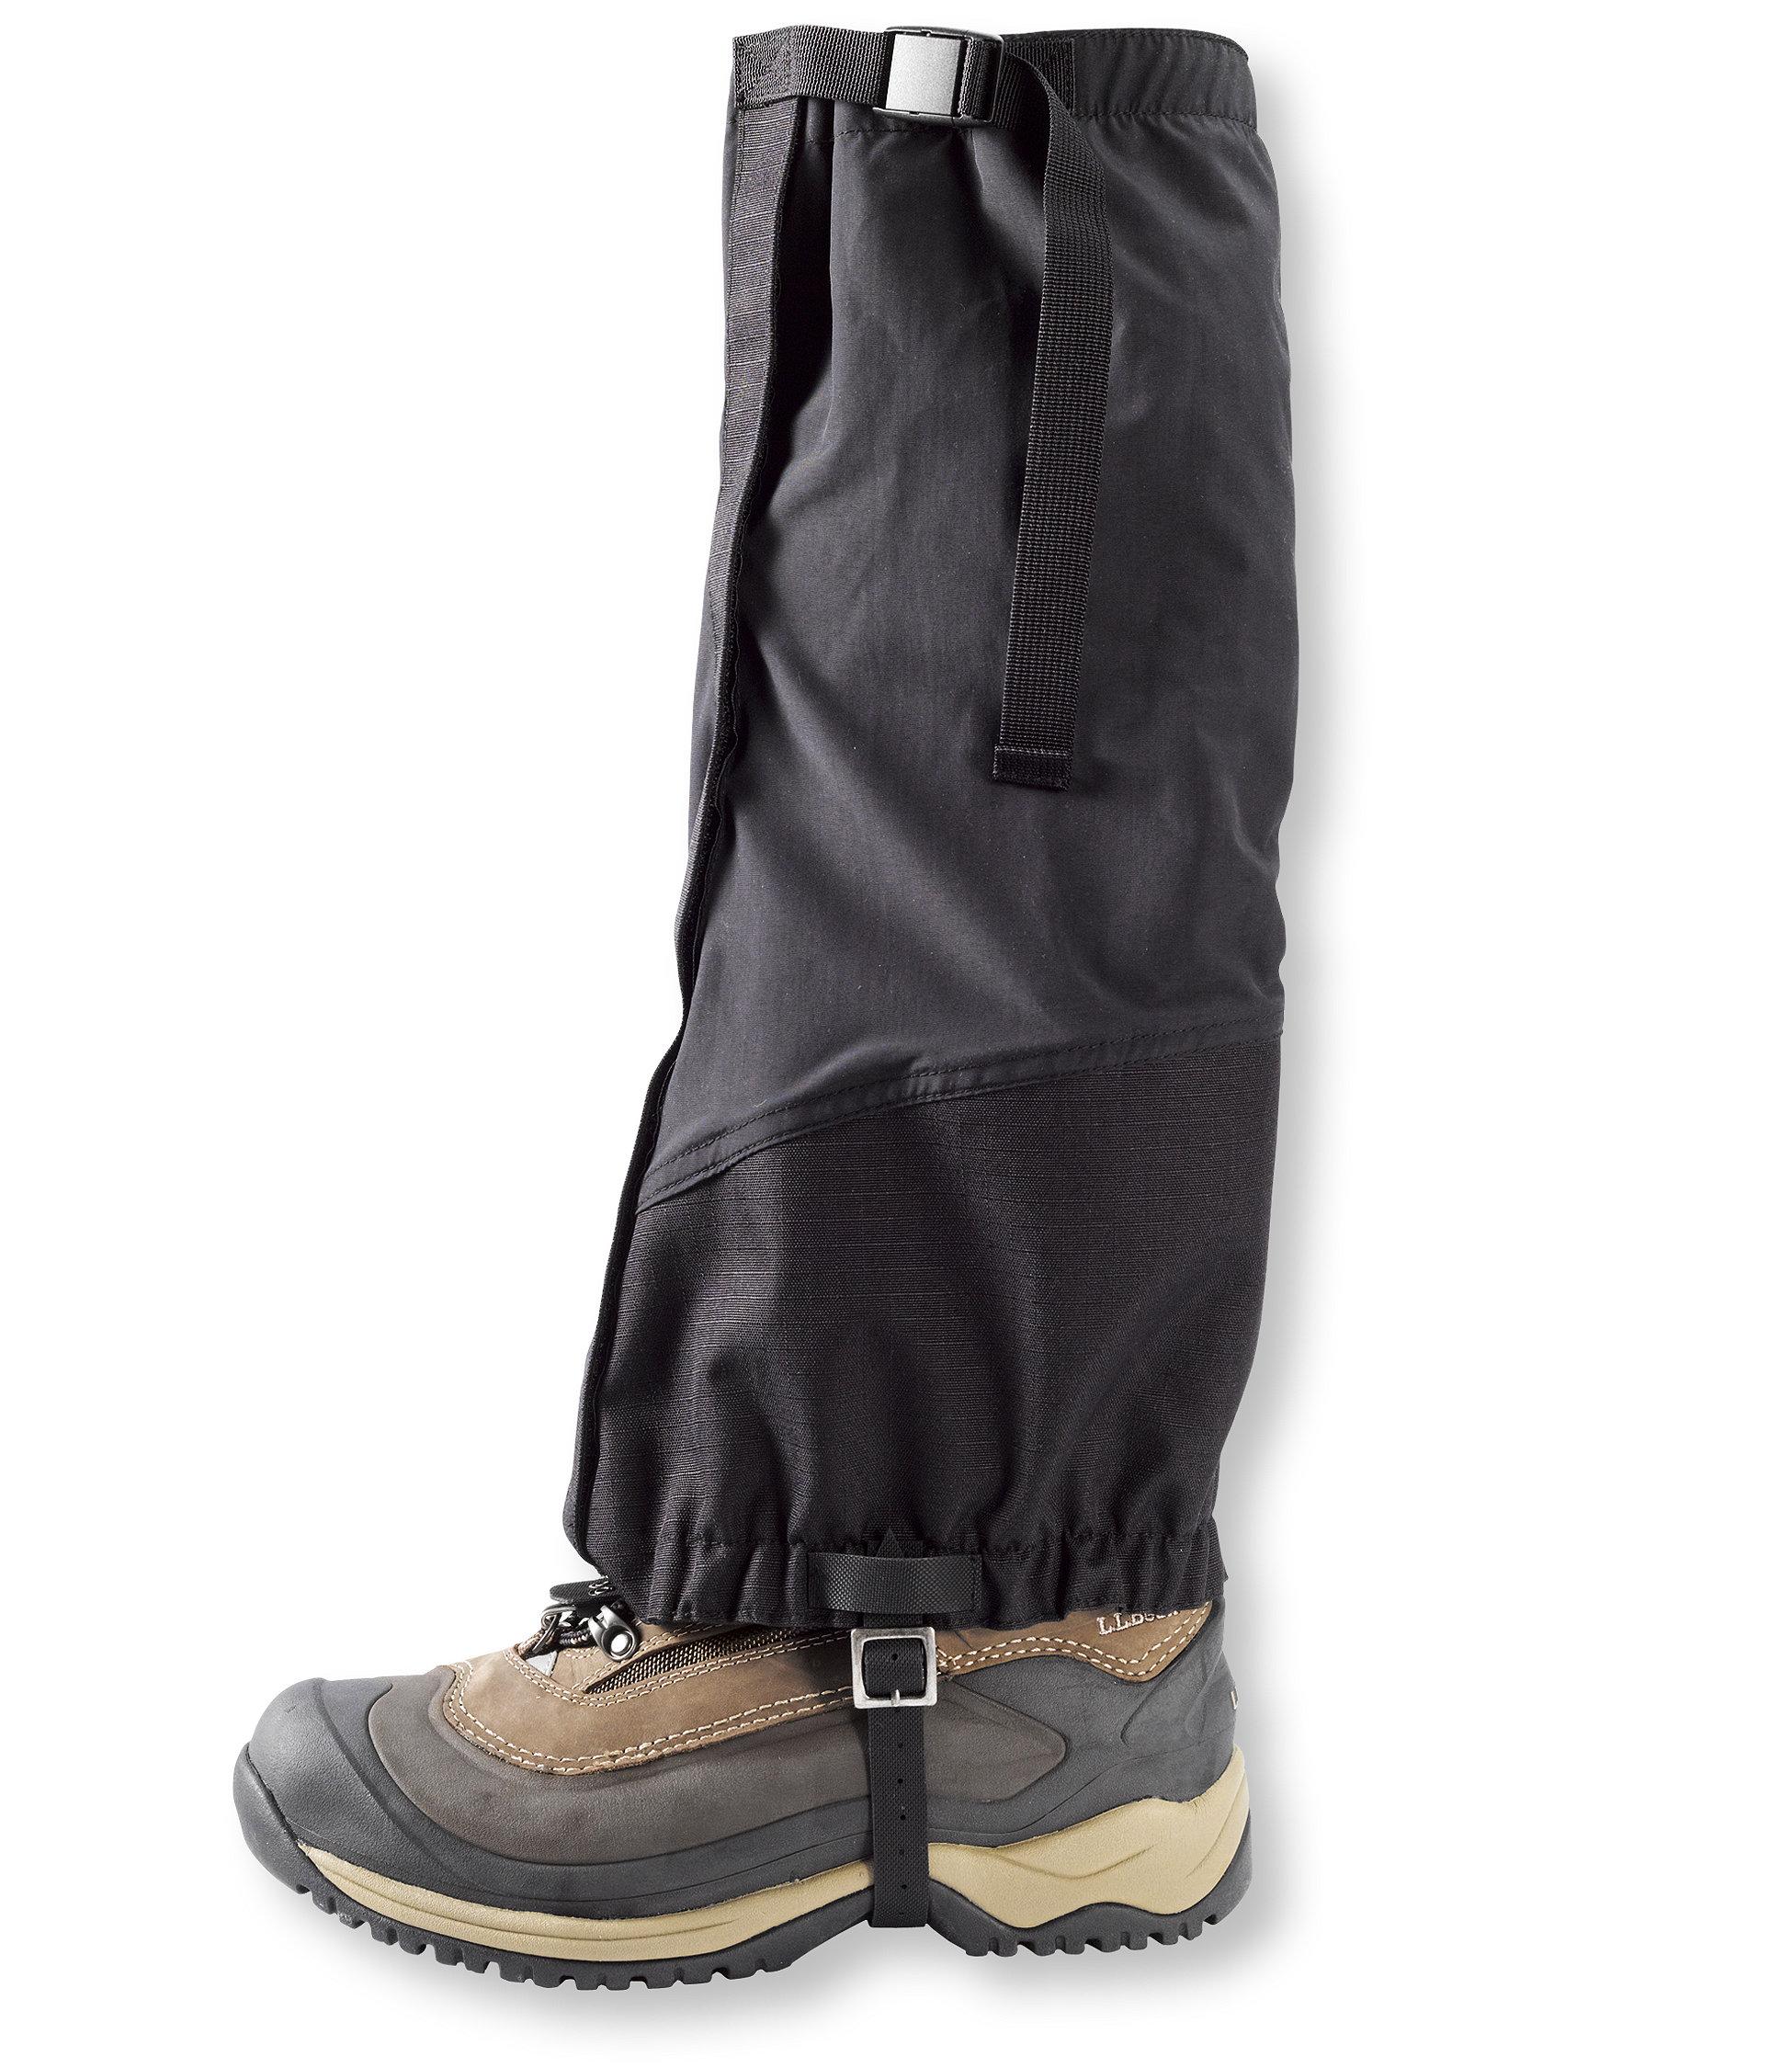 photo: L.L.Bean Winter Walker Gaiter gaiter